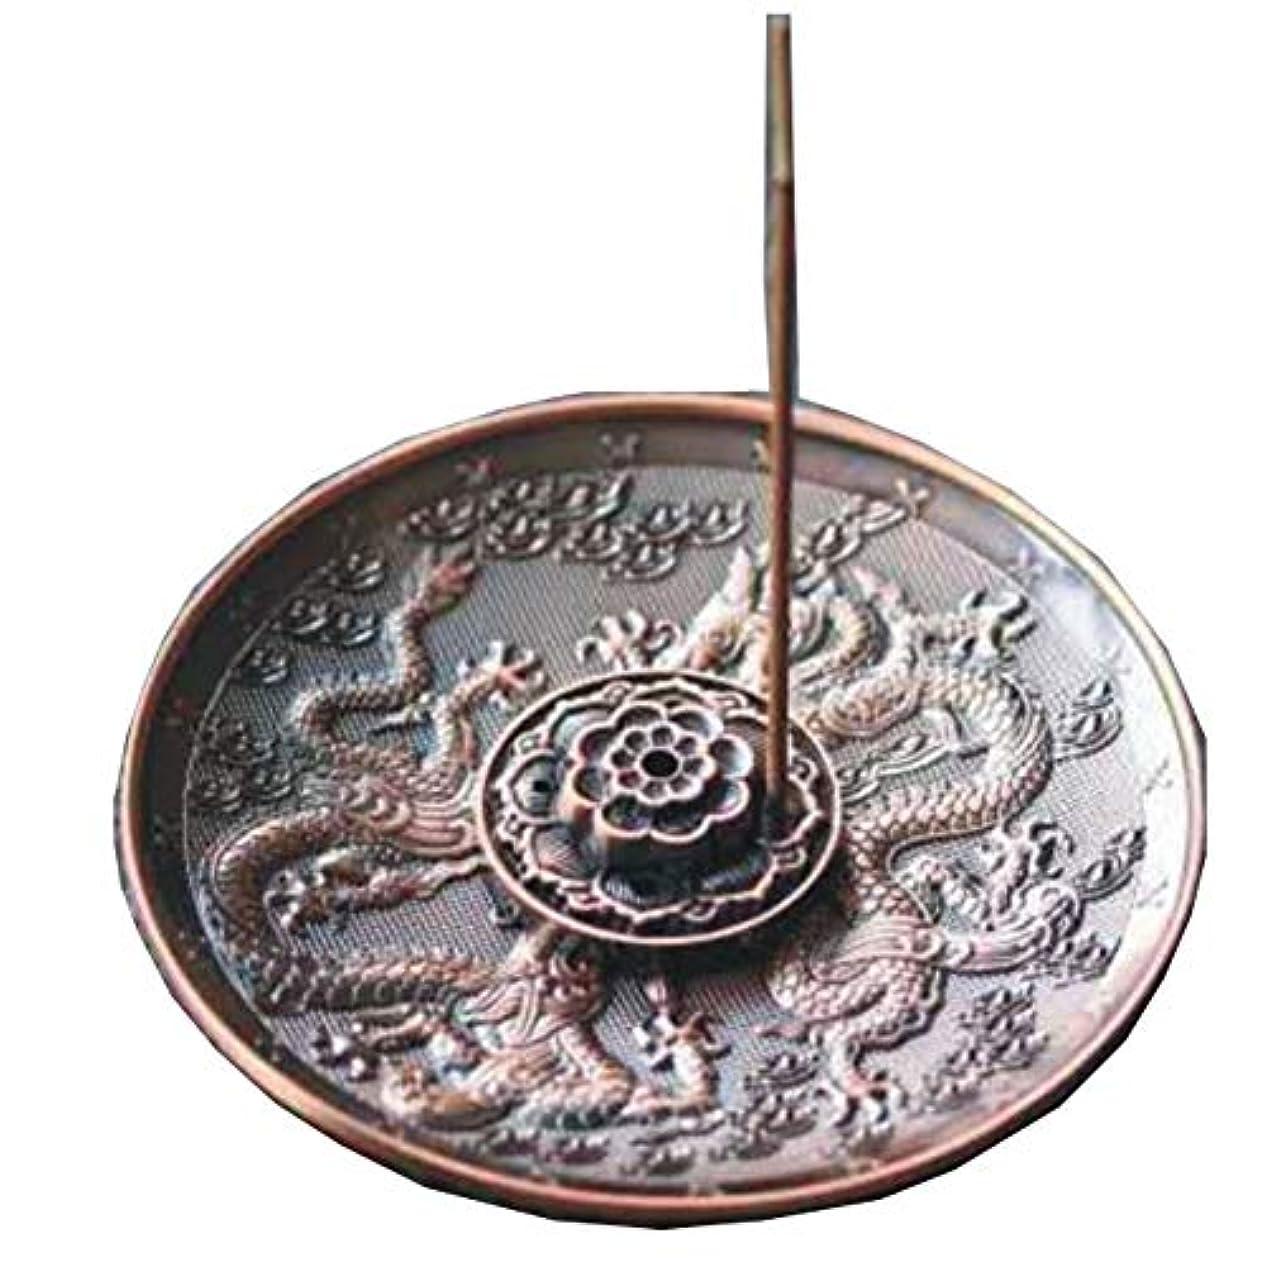 標高登場災難[RADISSY] お香立て 香炉 香皿 スティック 円錐 タイプ お香 スタンド 龍のデザイン (赤胴色9穴)